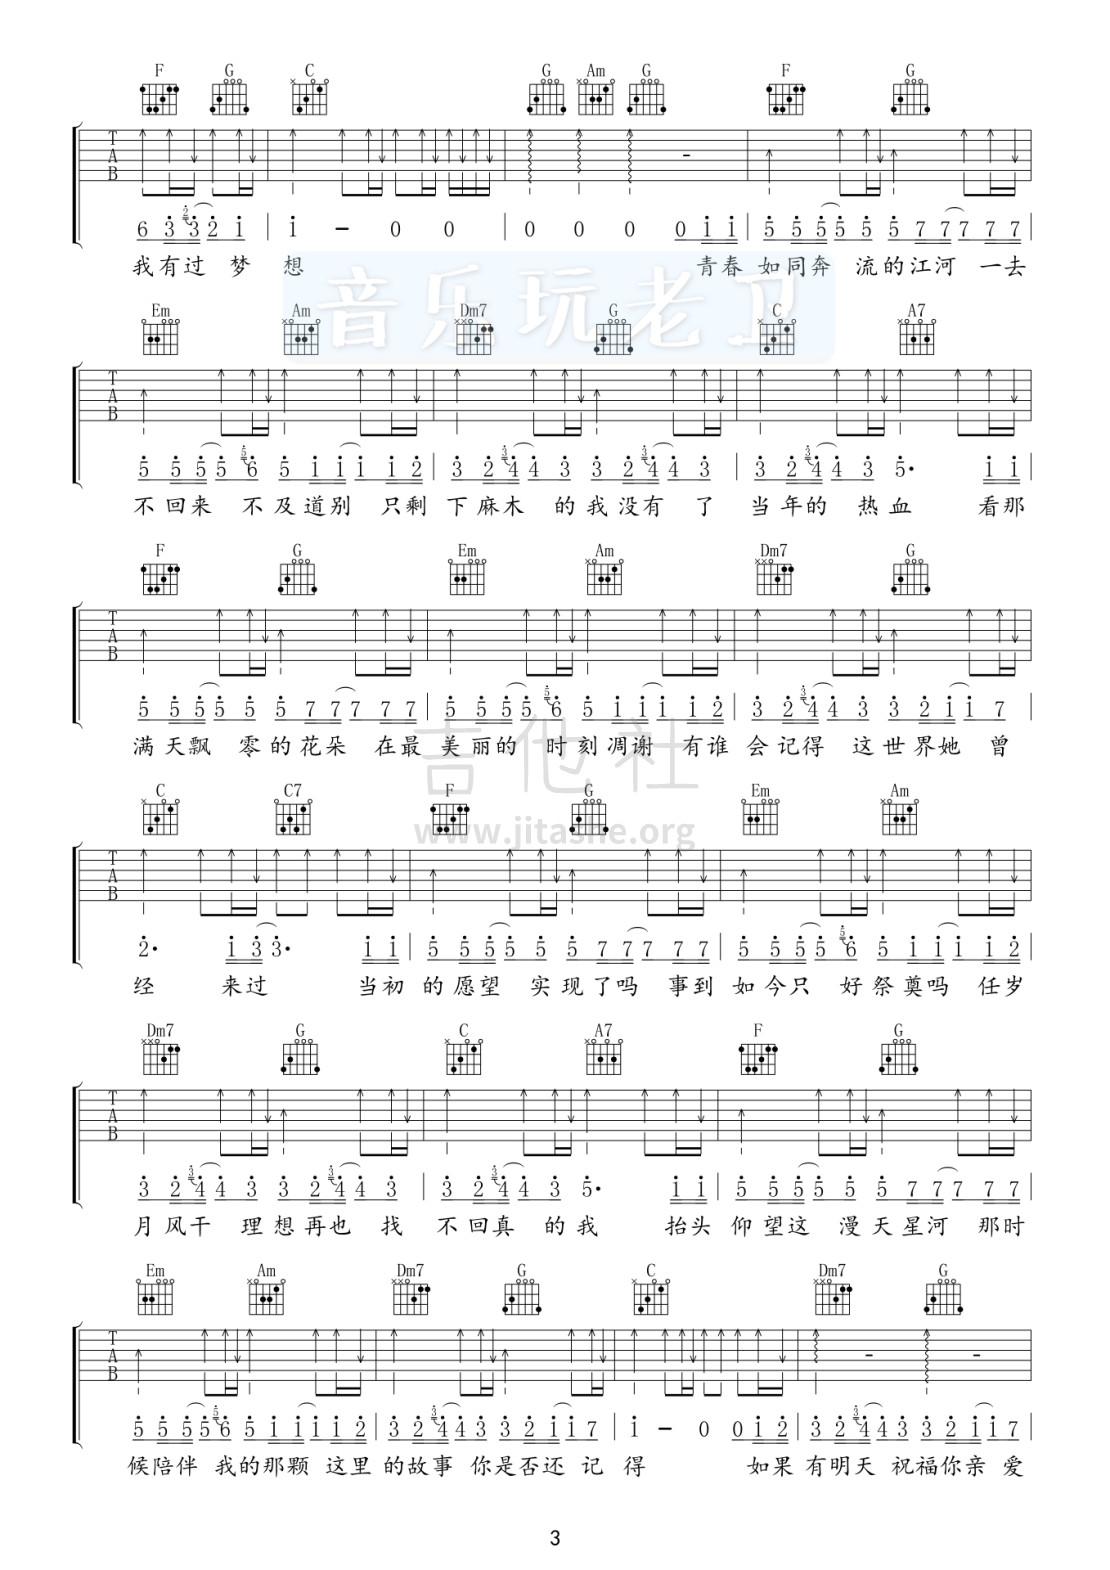 老男孩(音乐玩老卫)吉他谱(图片谱,弹唱)_筷子兄弟(肖央;王太利)_3